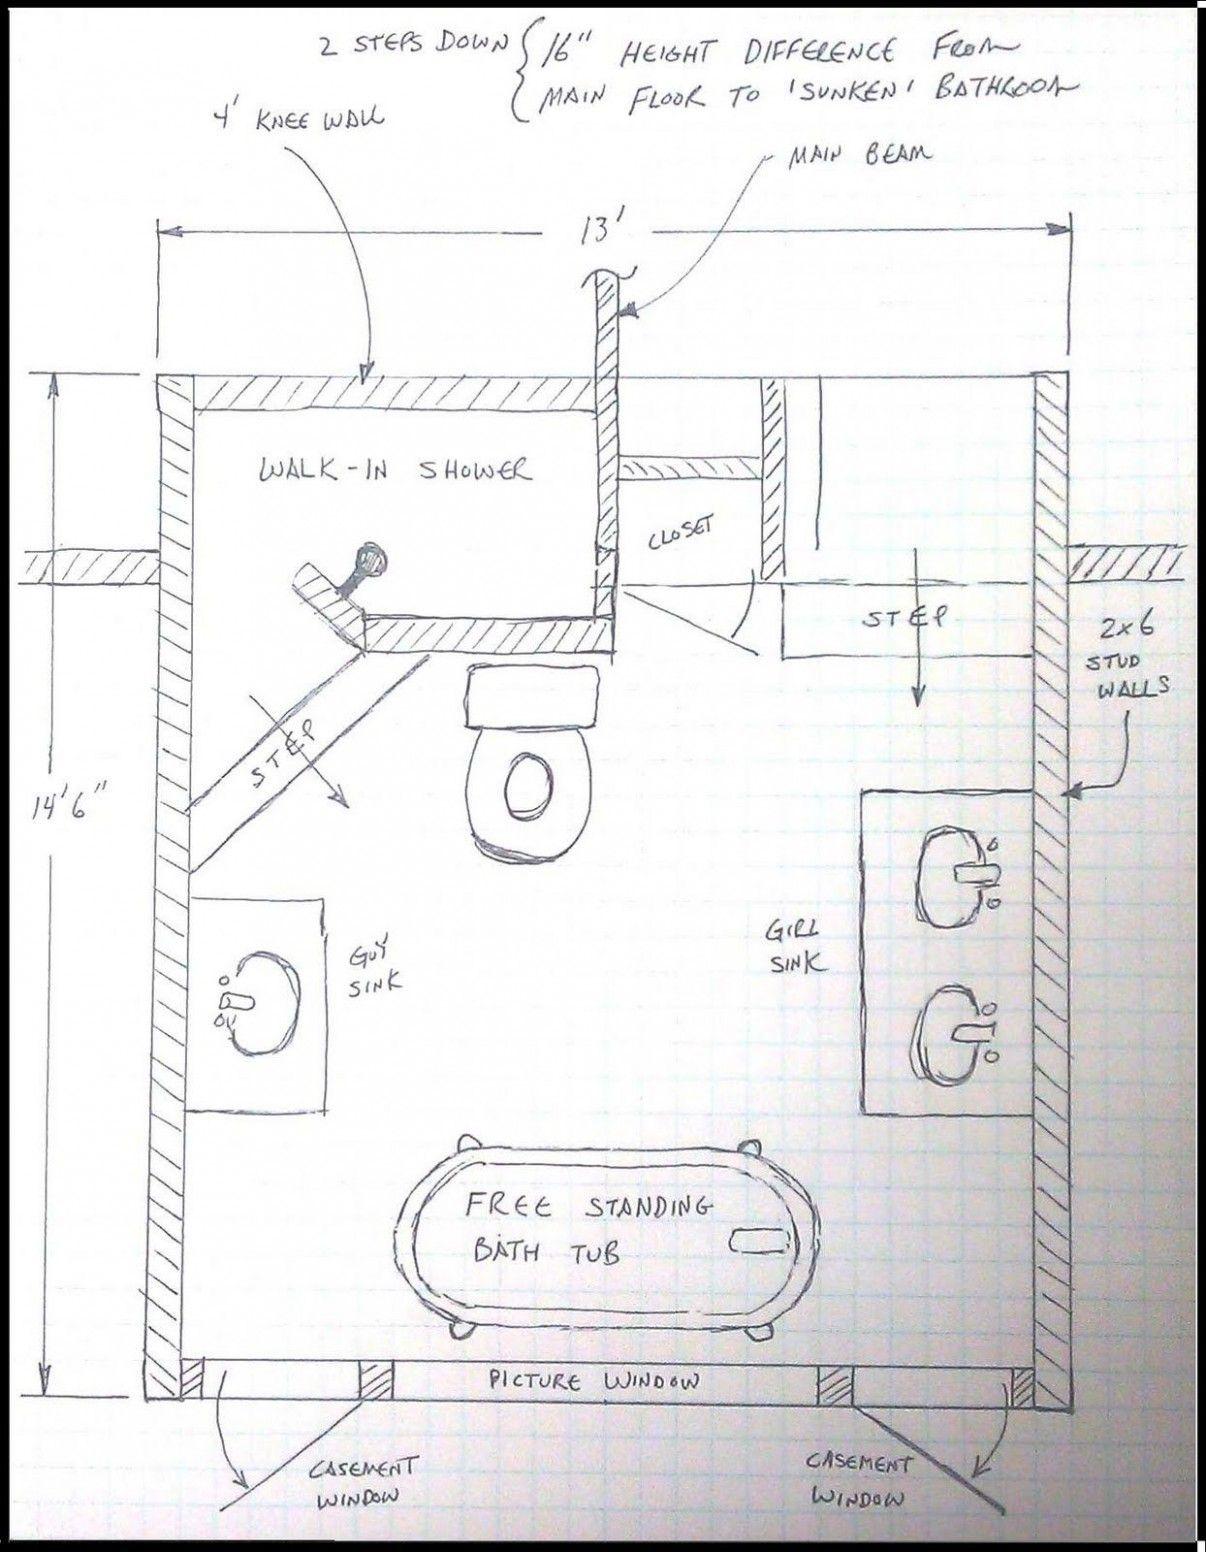 Design A Bathroom Floor Plan Free Desain Interior Ide